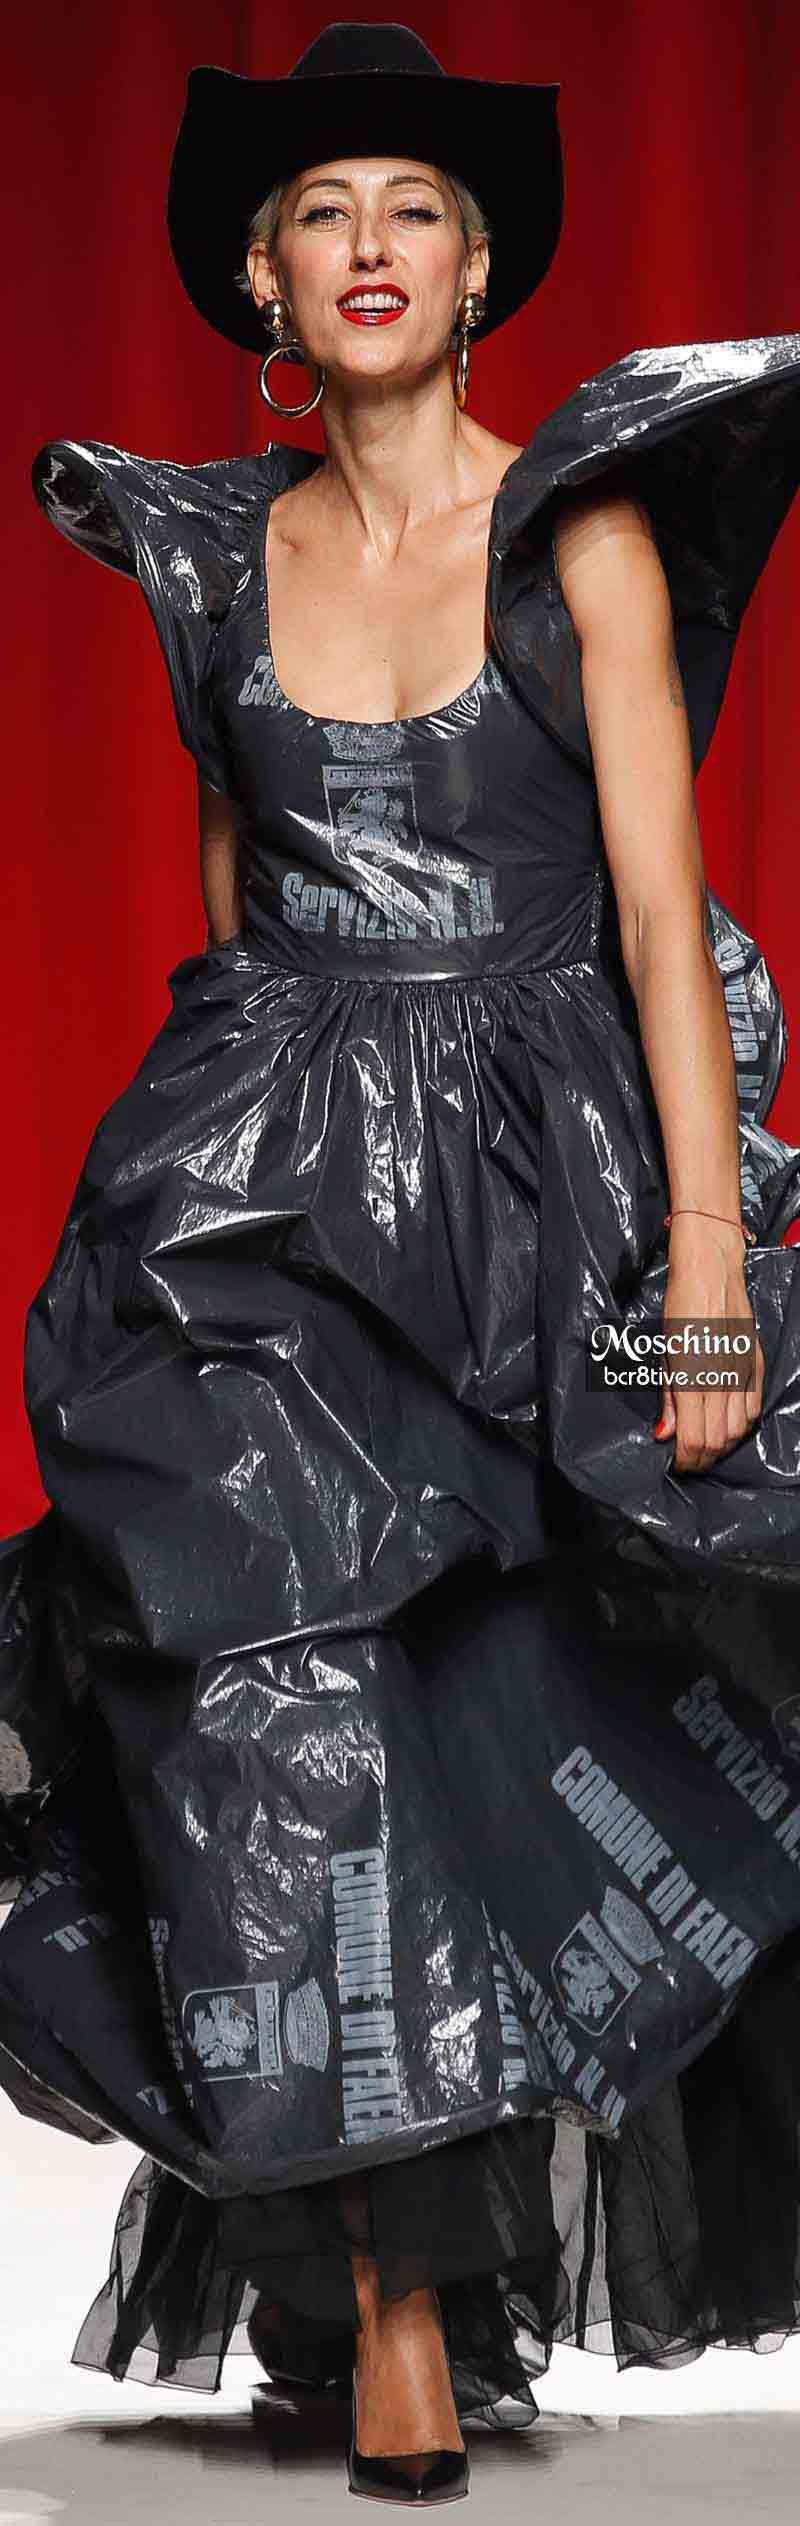 Moschino Spring 2014 - Gisele Zelany